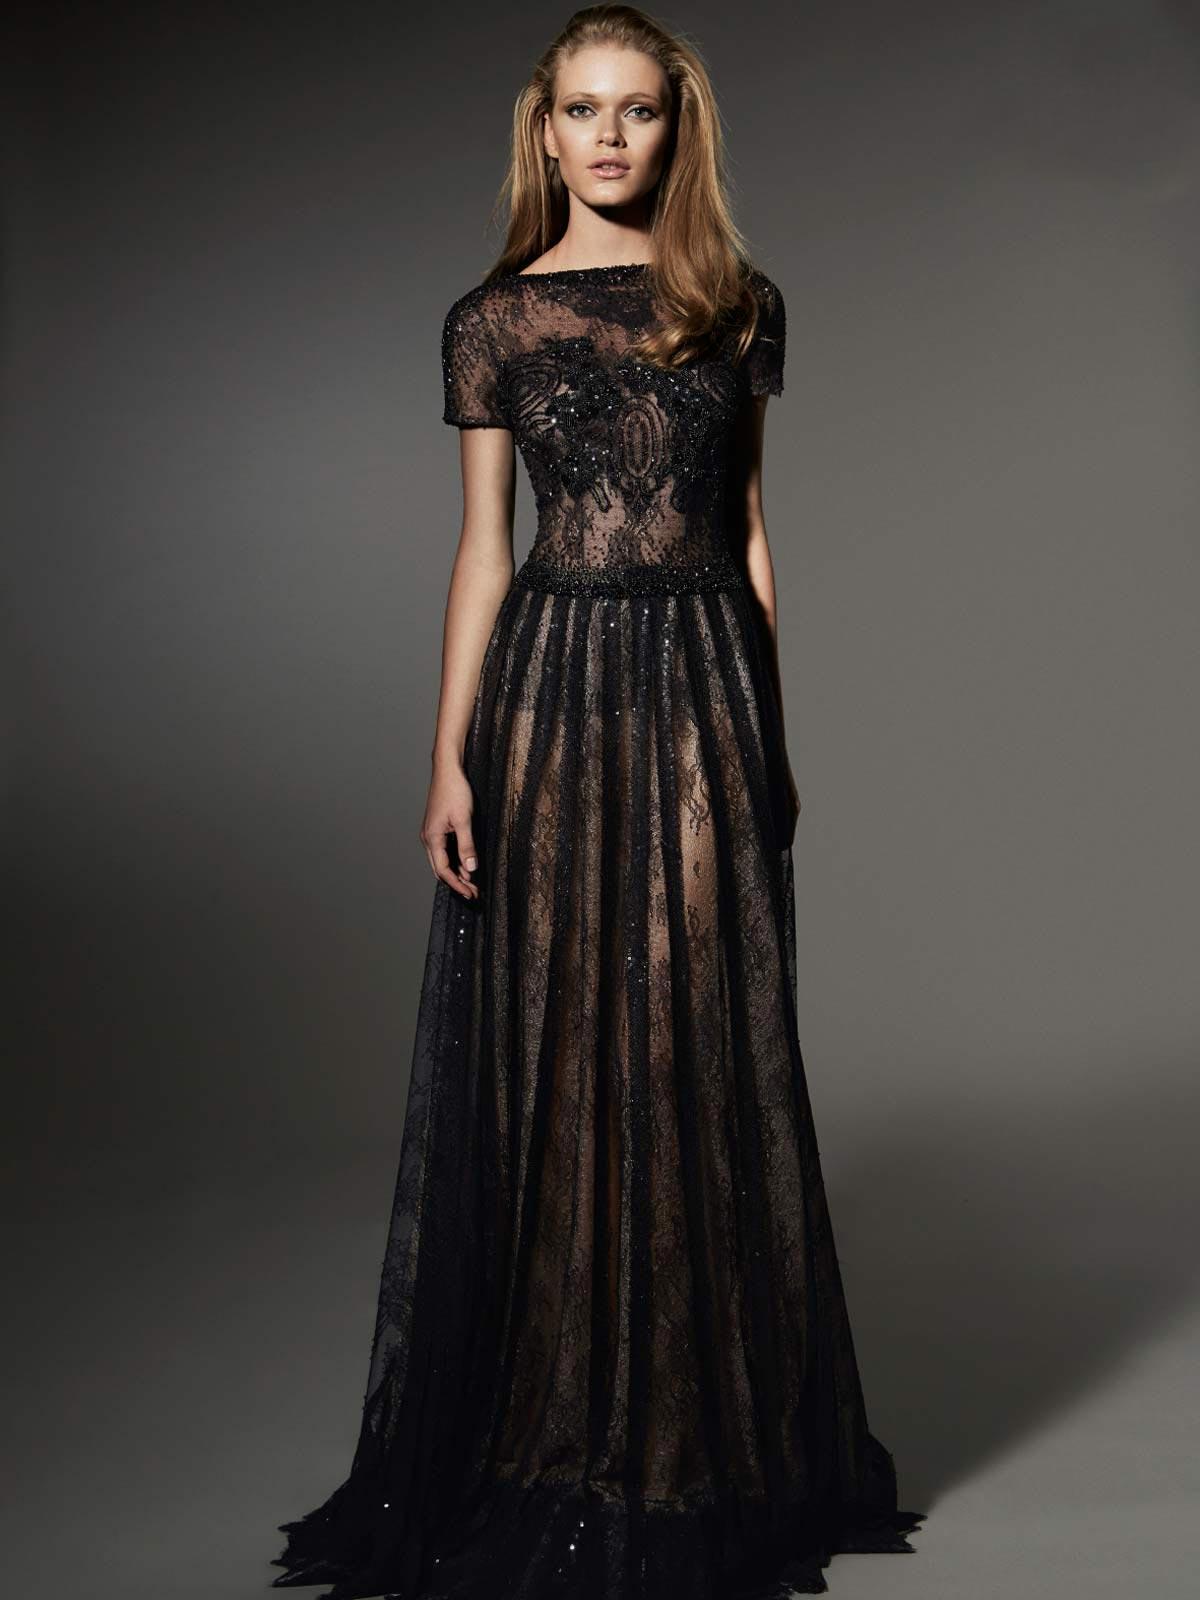 dfcc398a0120b Gracias por Aparecer en mi Vida  Más de 40 vestidos de fiesta color ...